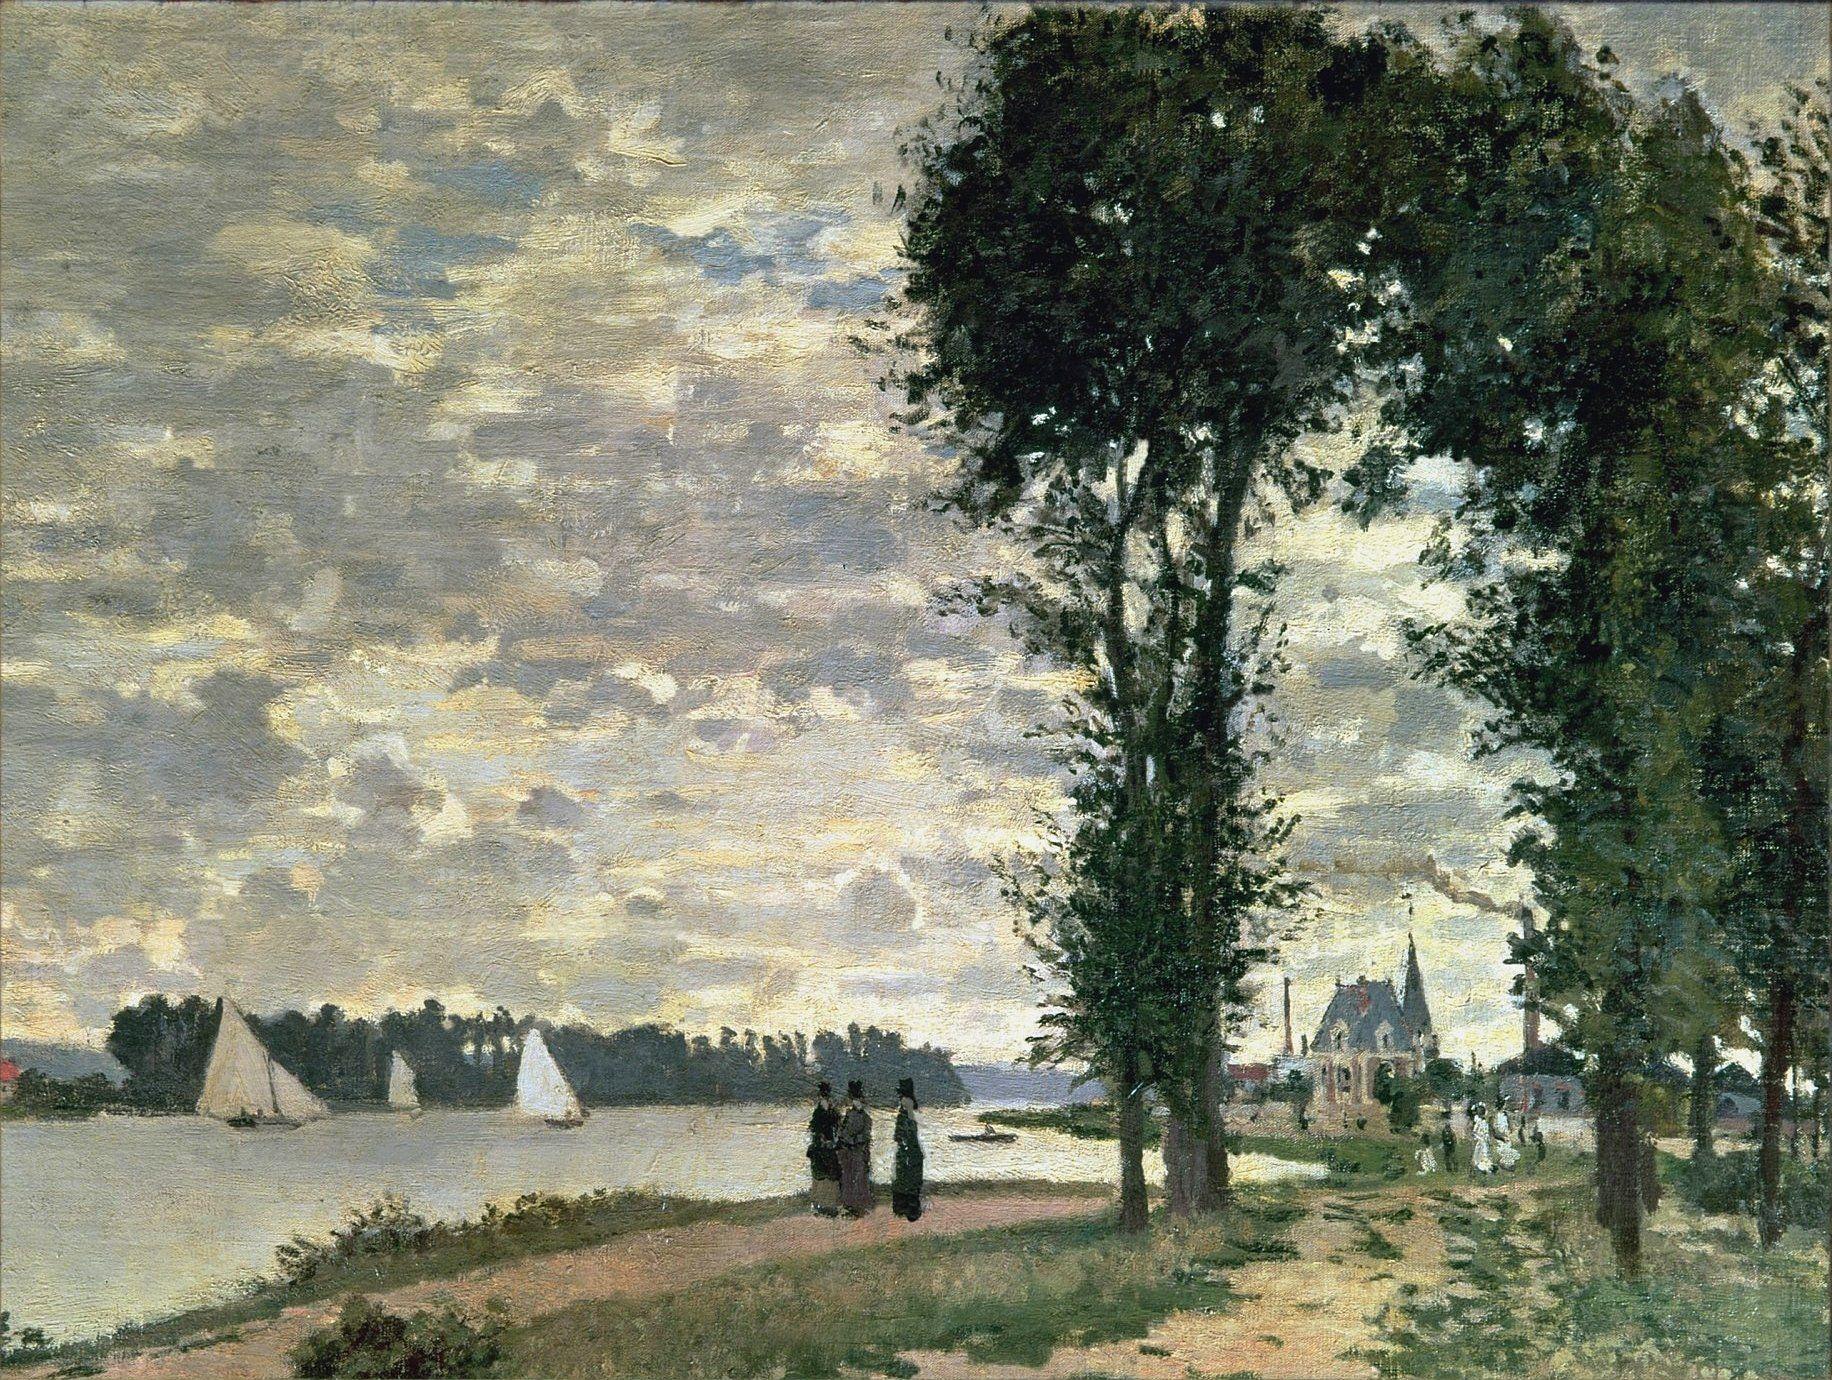 речной пейзаж < Берега Сены, Аржантёй >:: Клод Моне, описание картины - Claude Monet фото